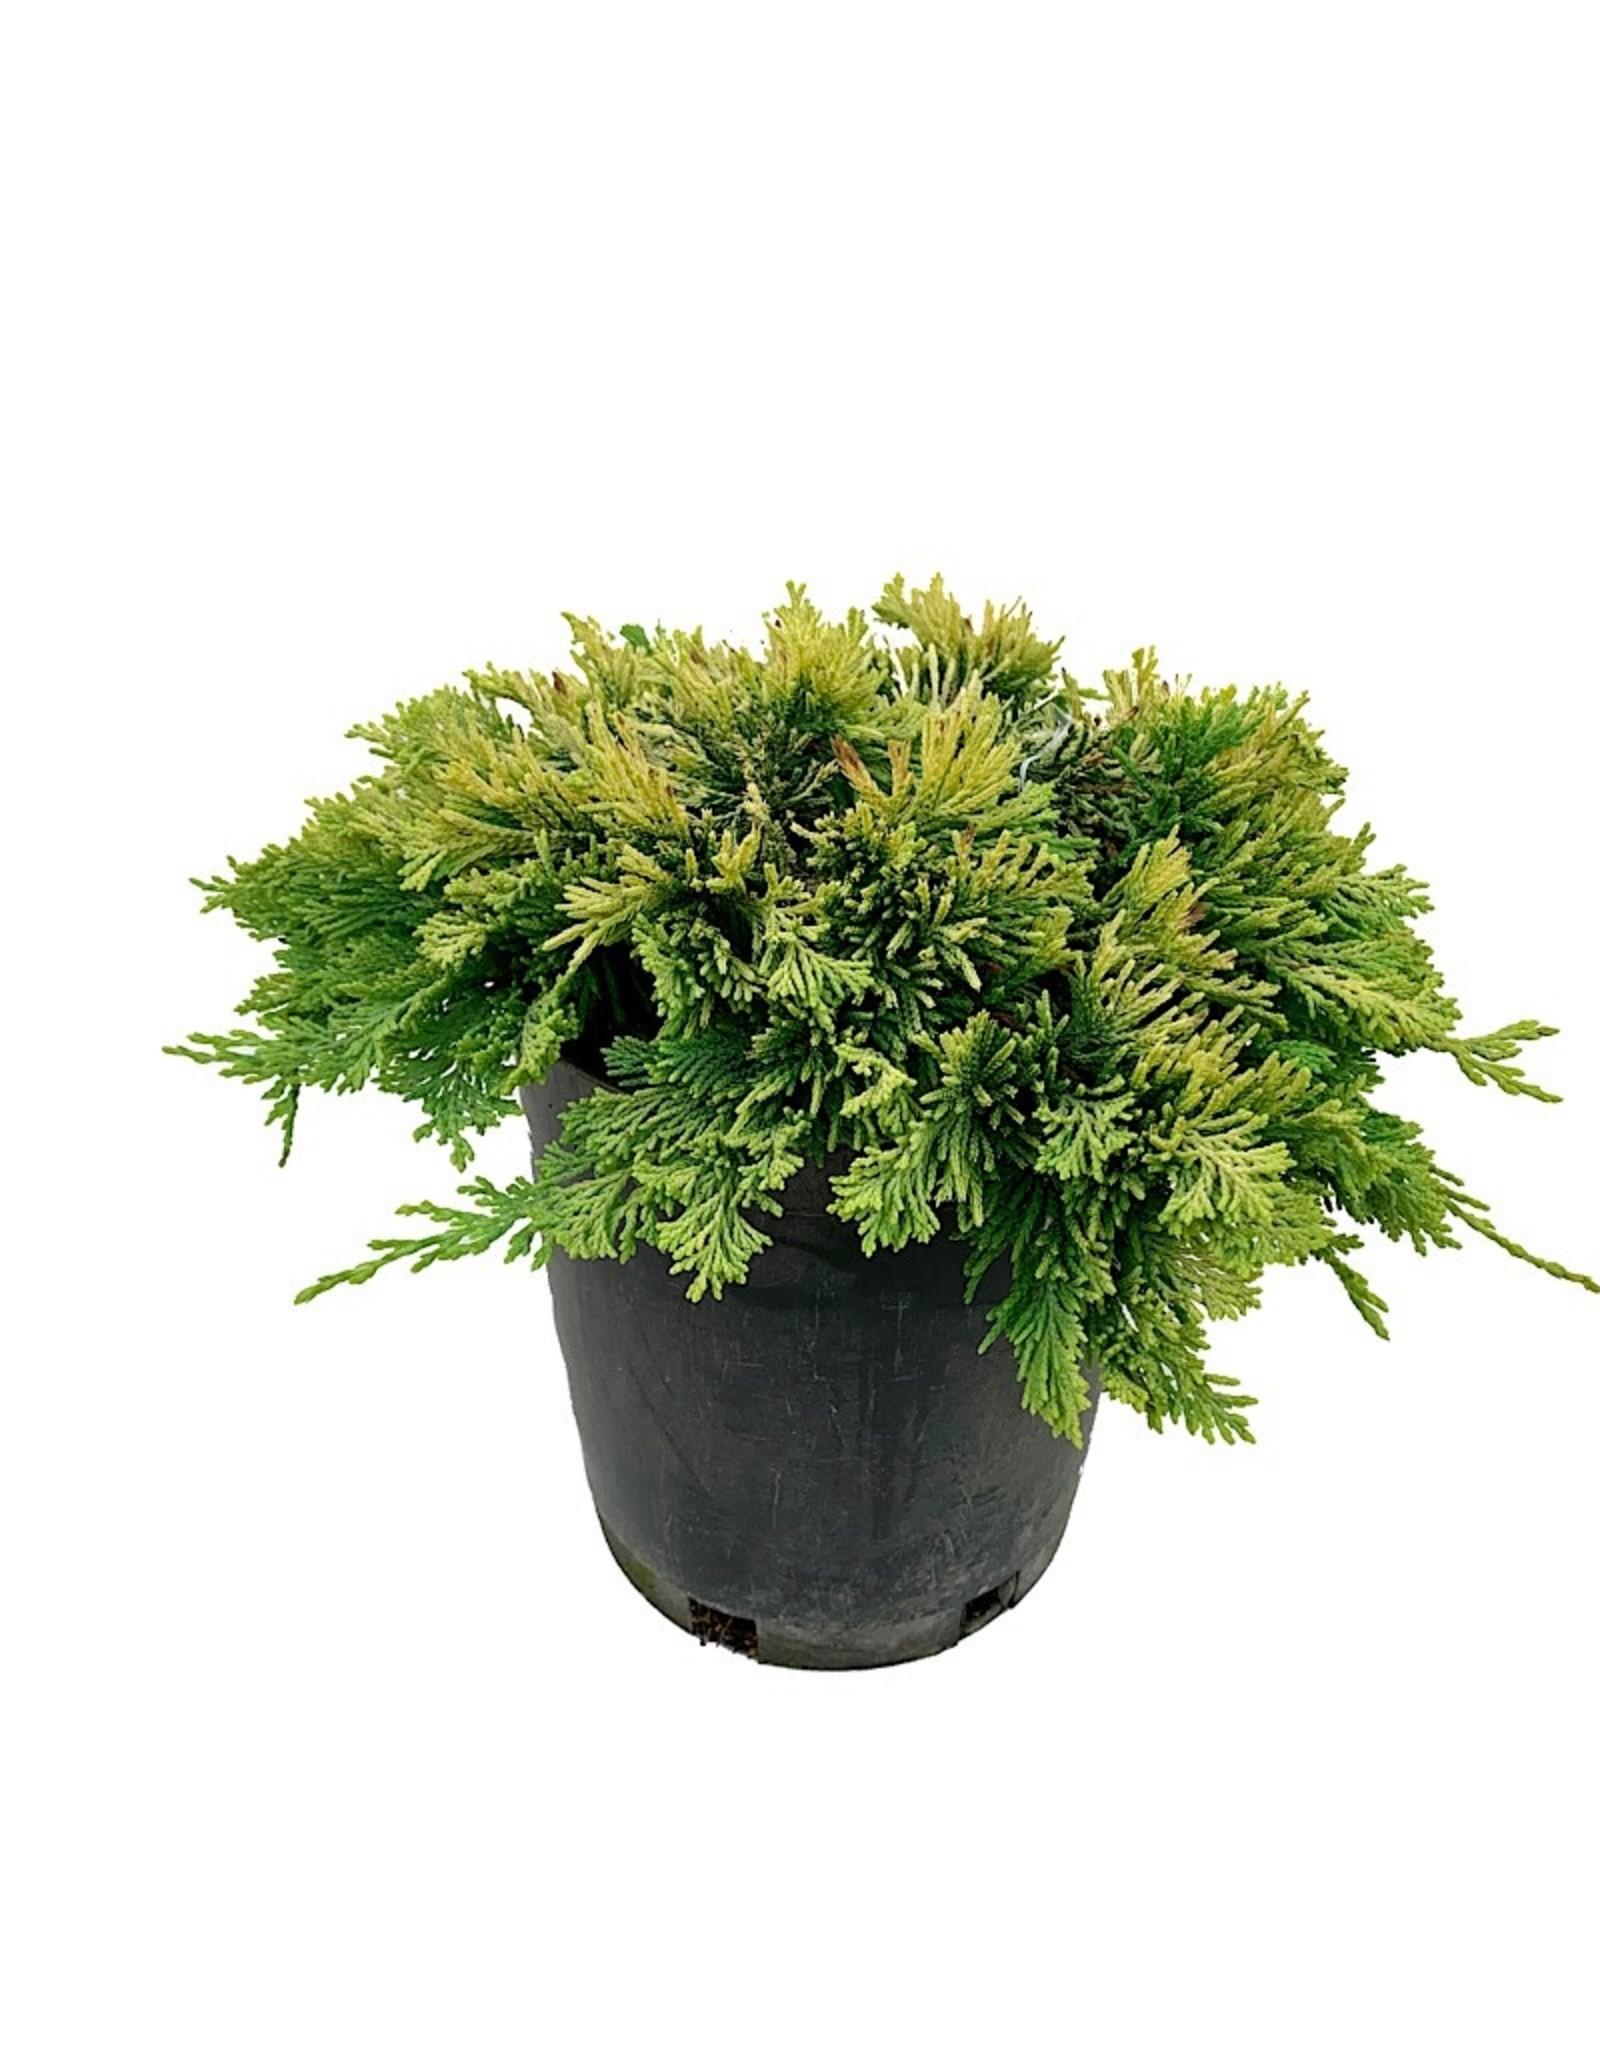 Juniperus horizontalis 'Mother Lode' - 1 gal